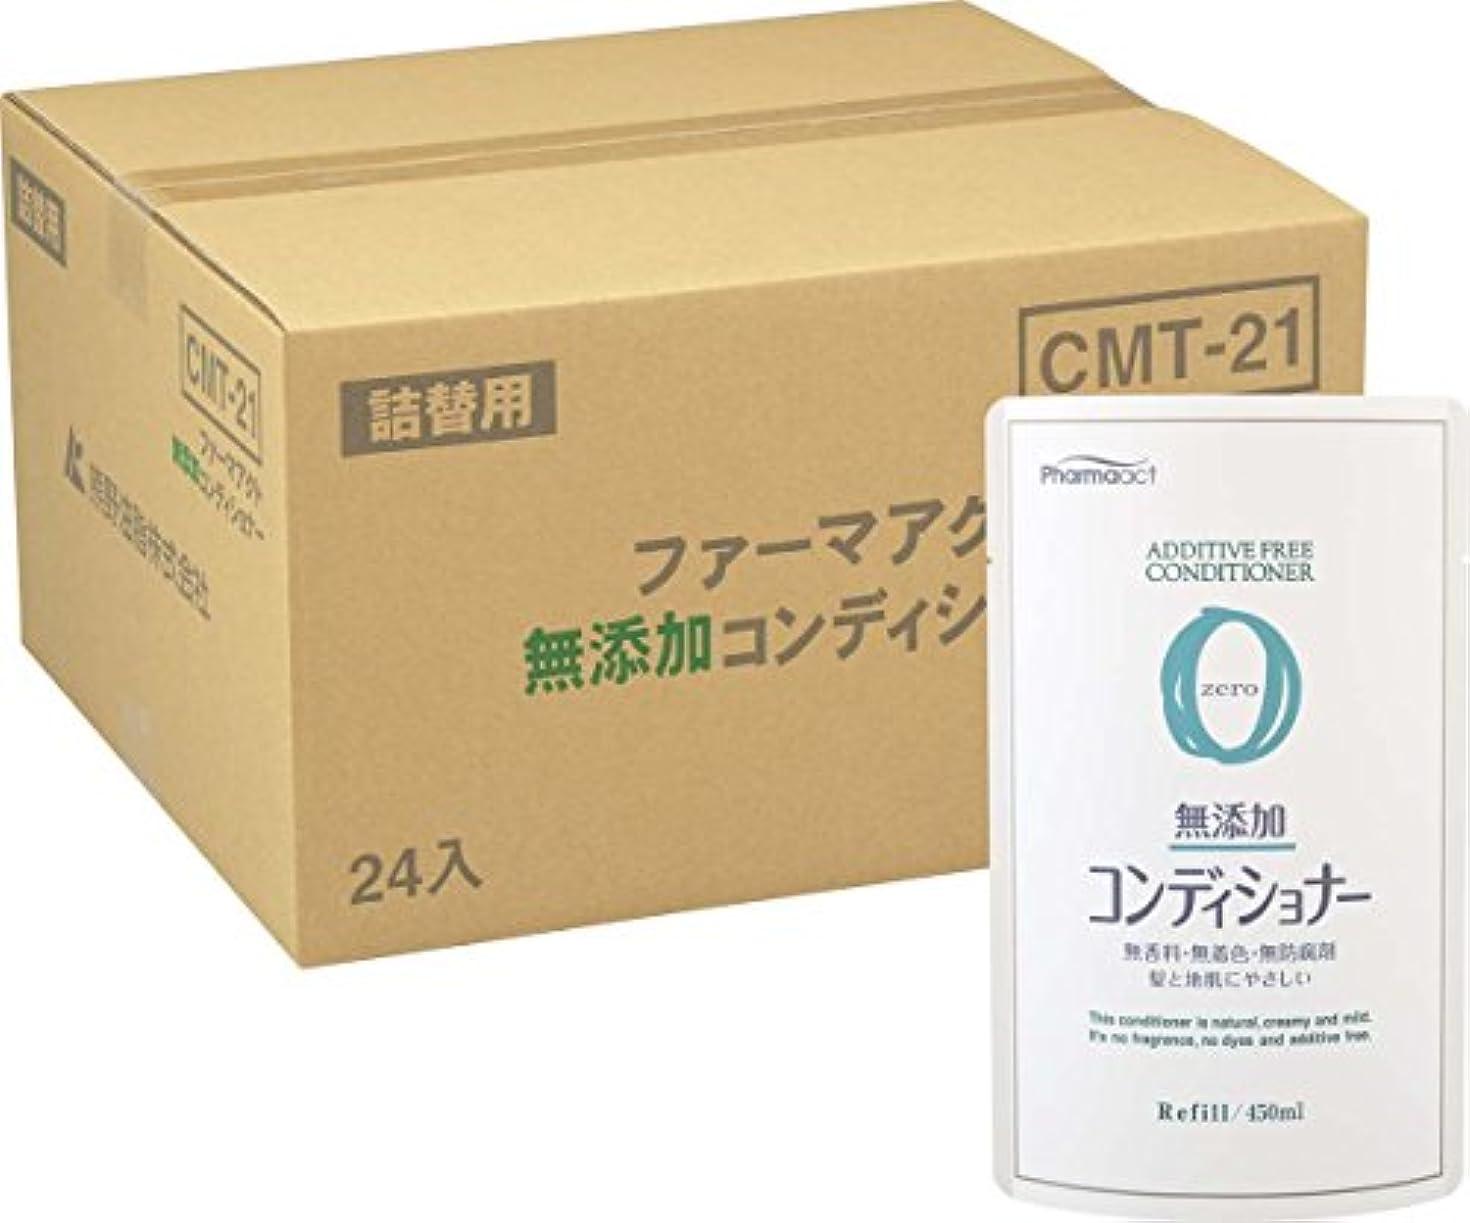 プロテスタントゲージシールド【ケース販売】ファーマアクト 無添加コンディショナー詰替用 450ml×24個入